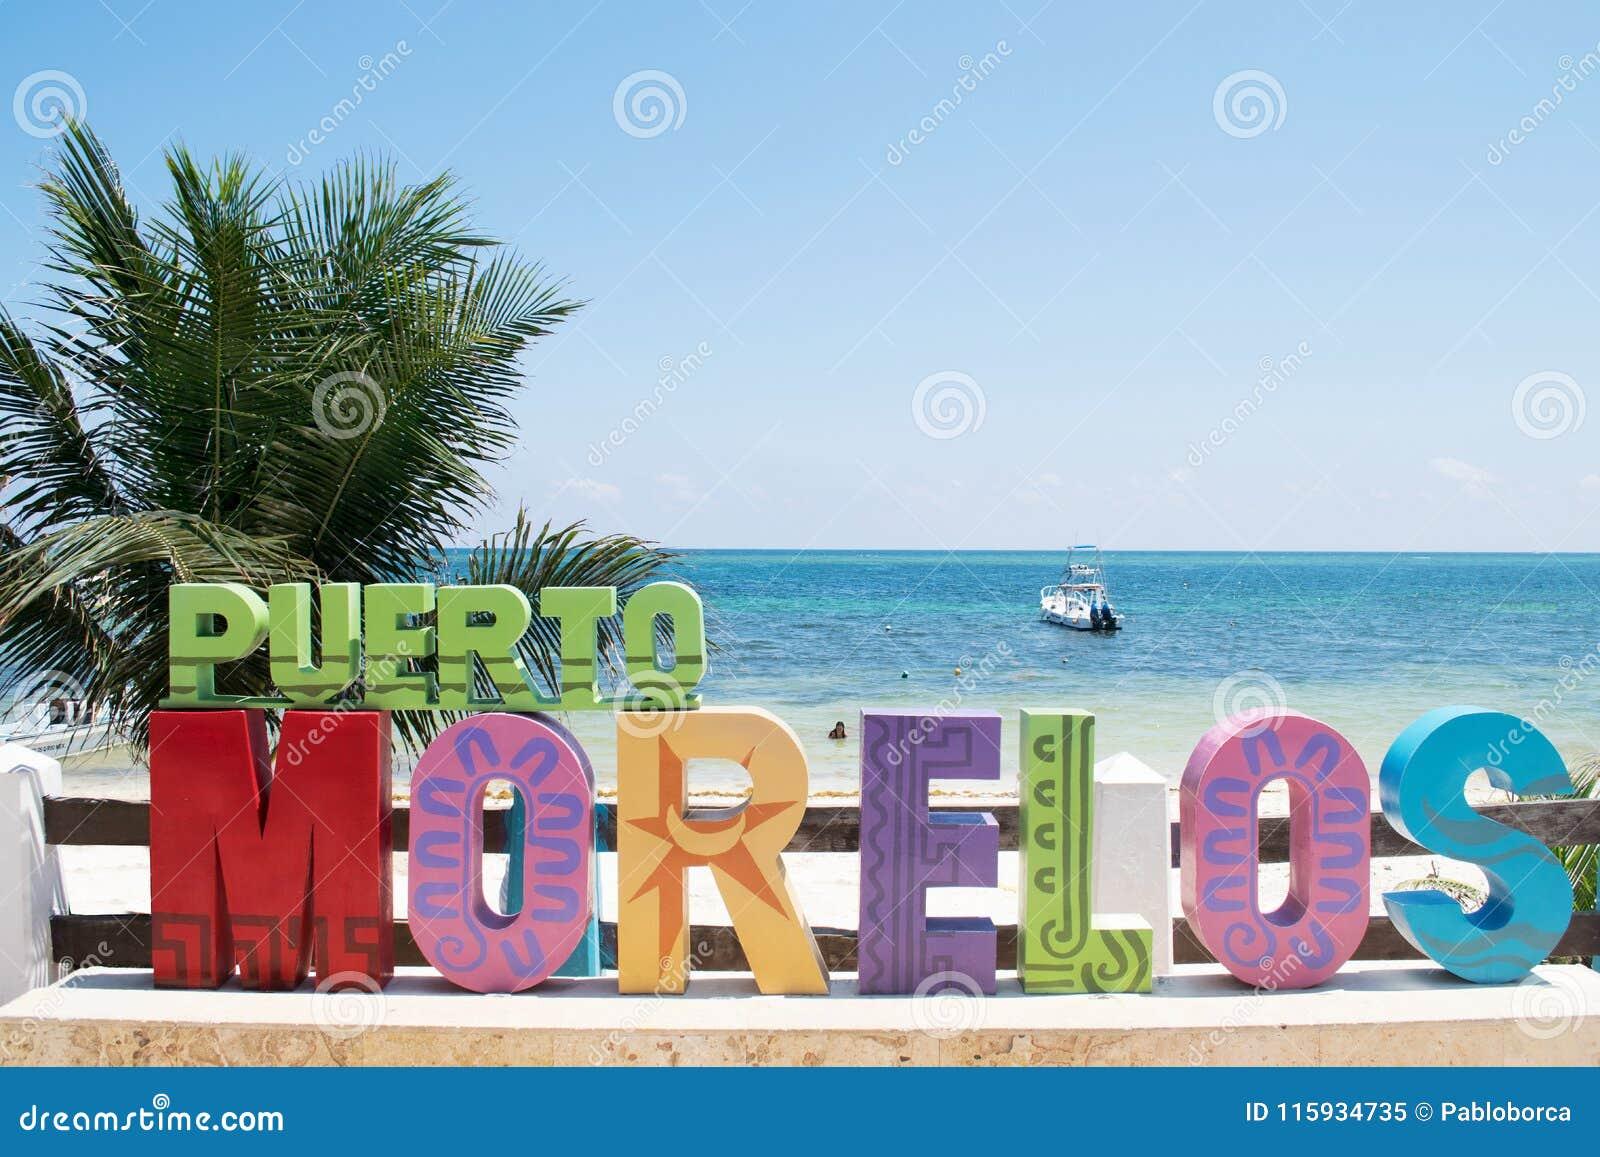 Puerto Morelos Spot in Riviera Maya, Yucatan